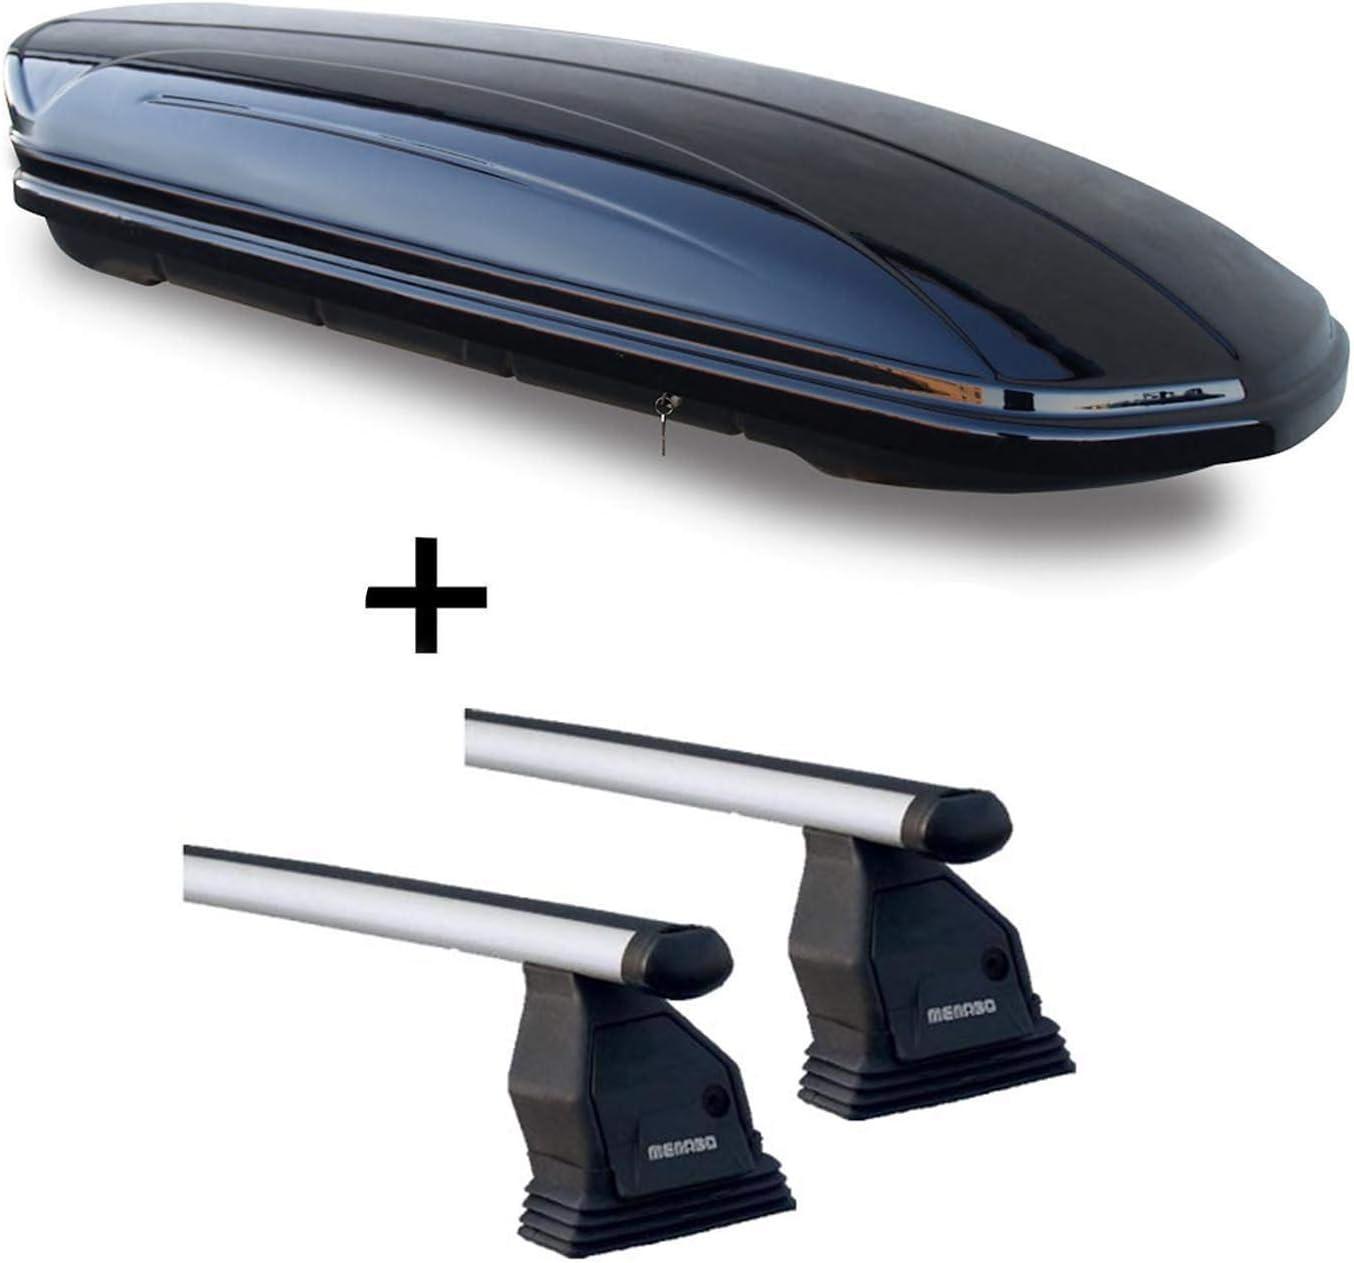 /à partir de 2014/TROIS-CORPS en aluminium barres de toit MENABO Tema pour Mercedes Classe C W205/ Coffre de toit vdpmaa320/verrouillable Noir 320/l 4/portes